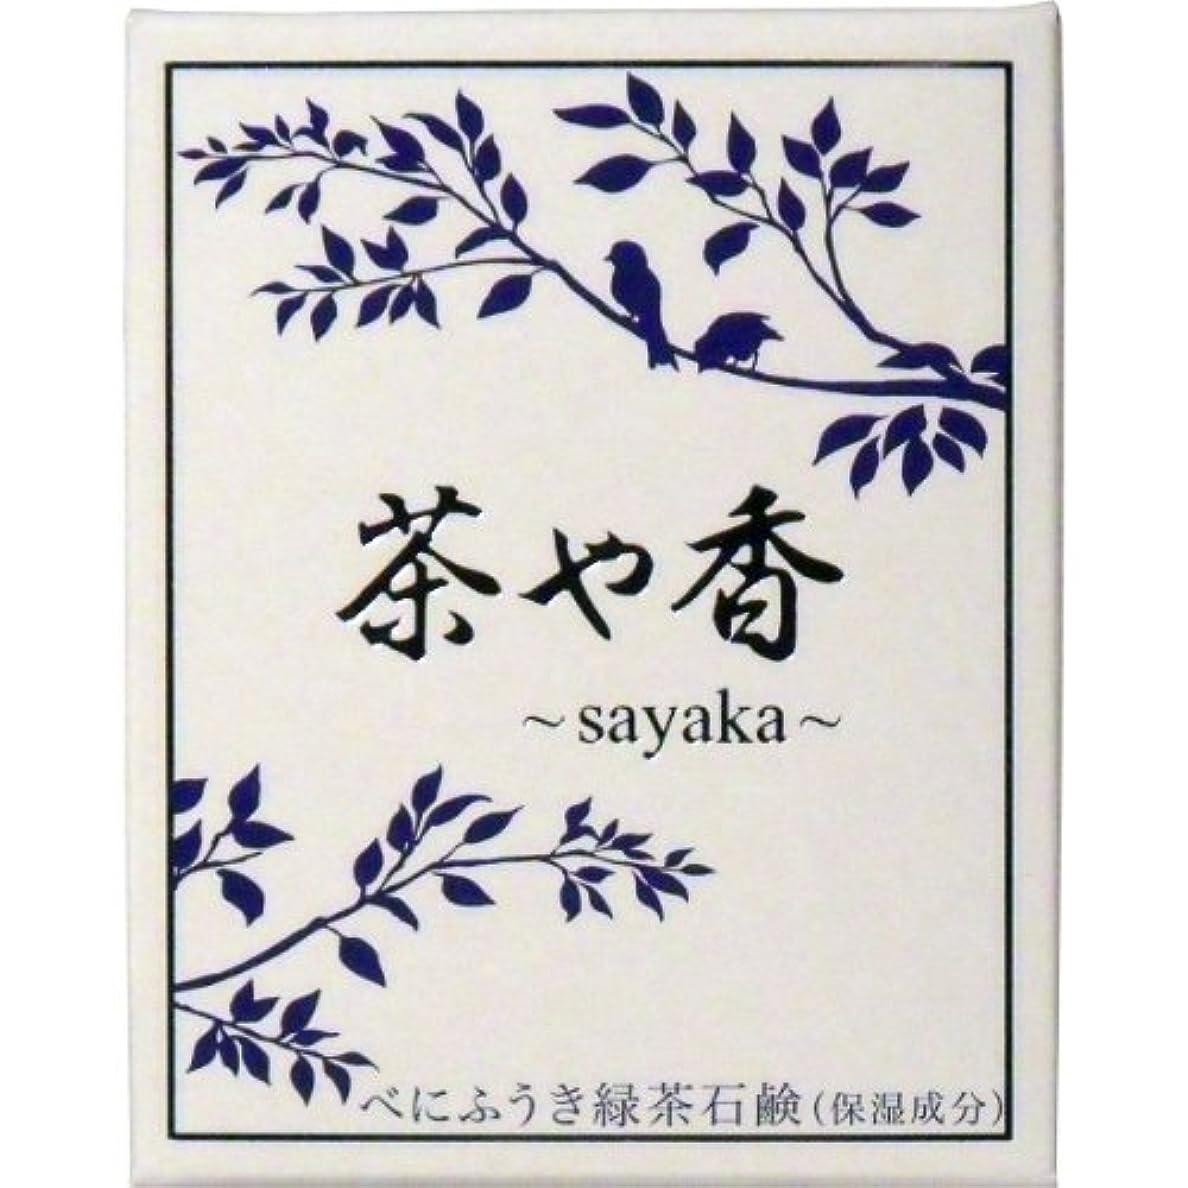 ラベンダー行商人重量茶や香 -sayaka- べにふうき緑茶石鹸 100g入 ×3個セット